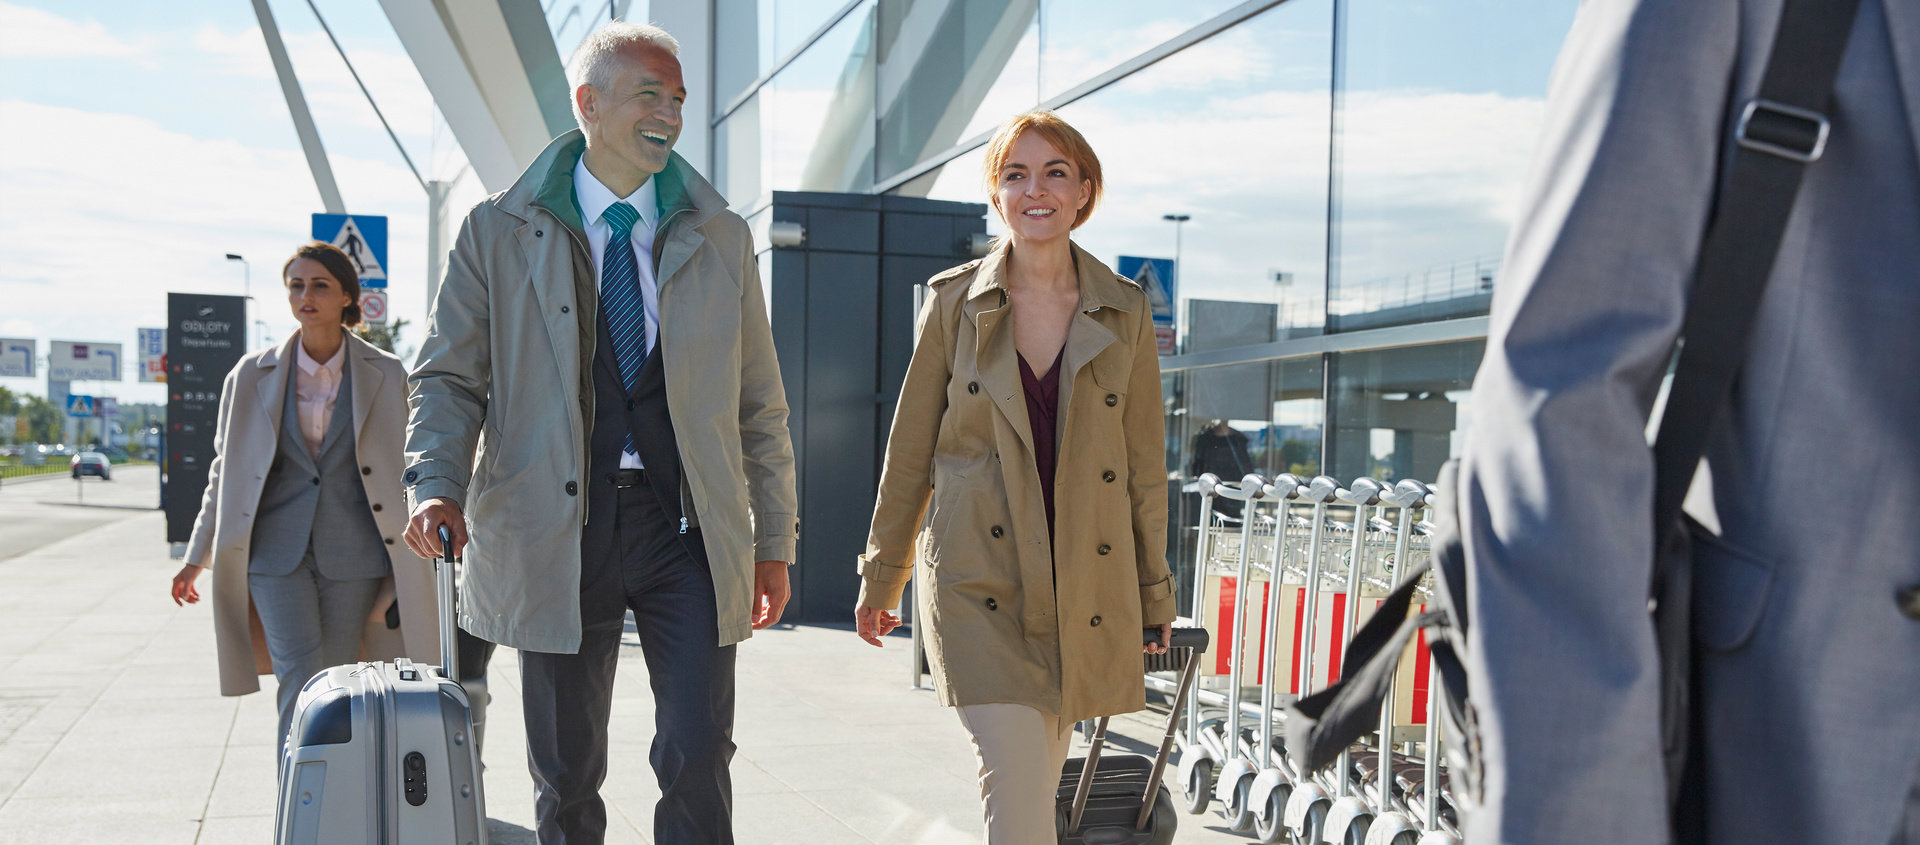 Milion Polaków w delegacji, czyli blaski i cienie podróży służbowych